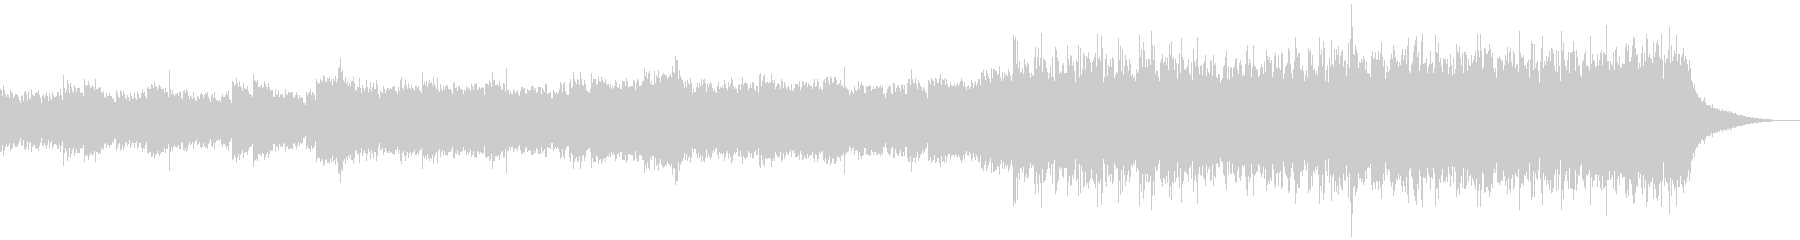 企業VP映像、152オーケストラ、爽快bの未再生の波形